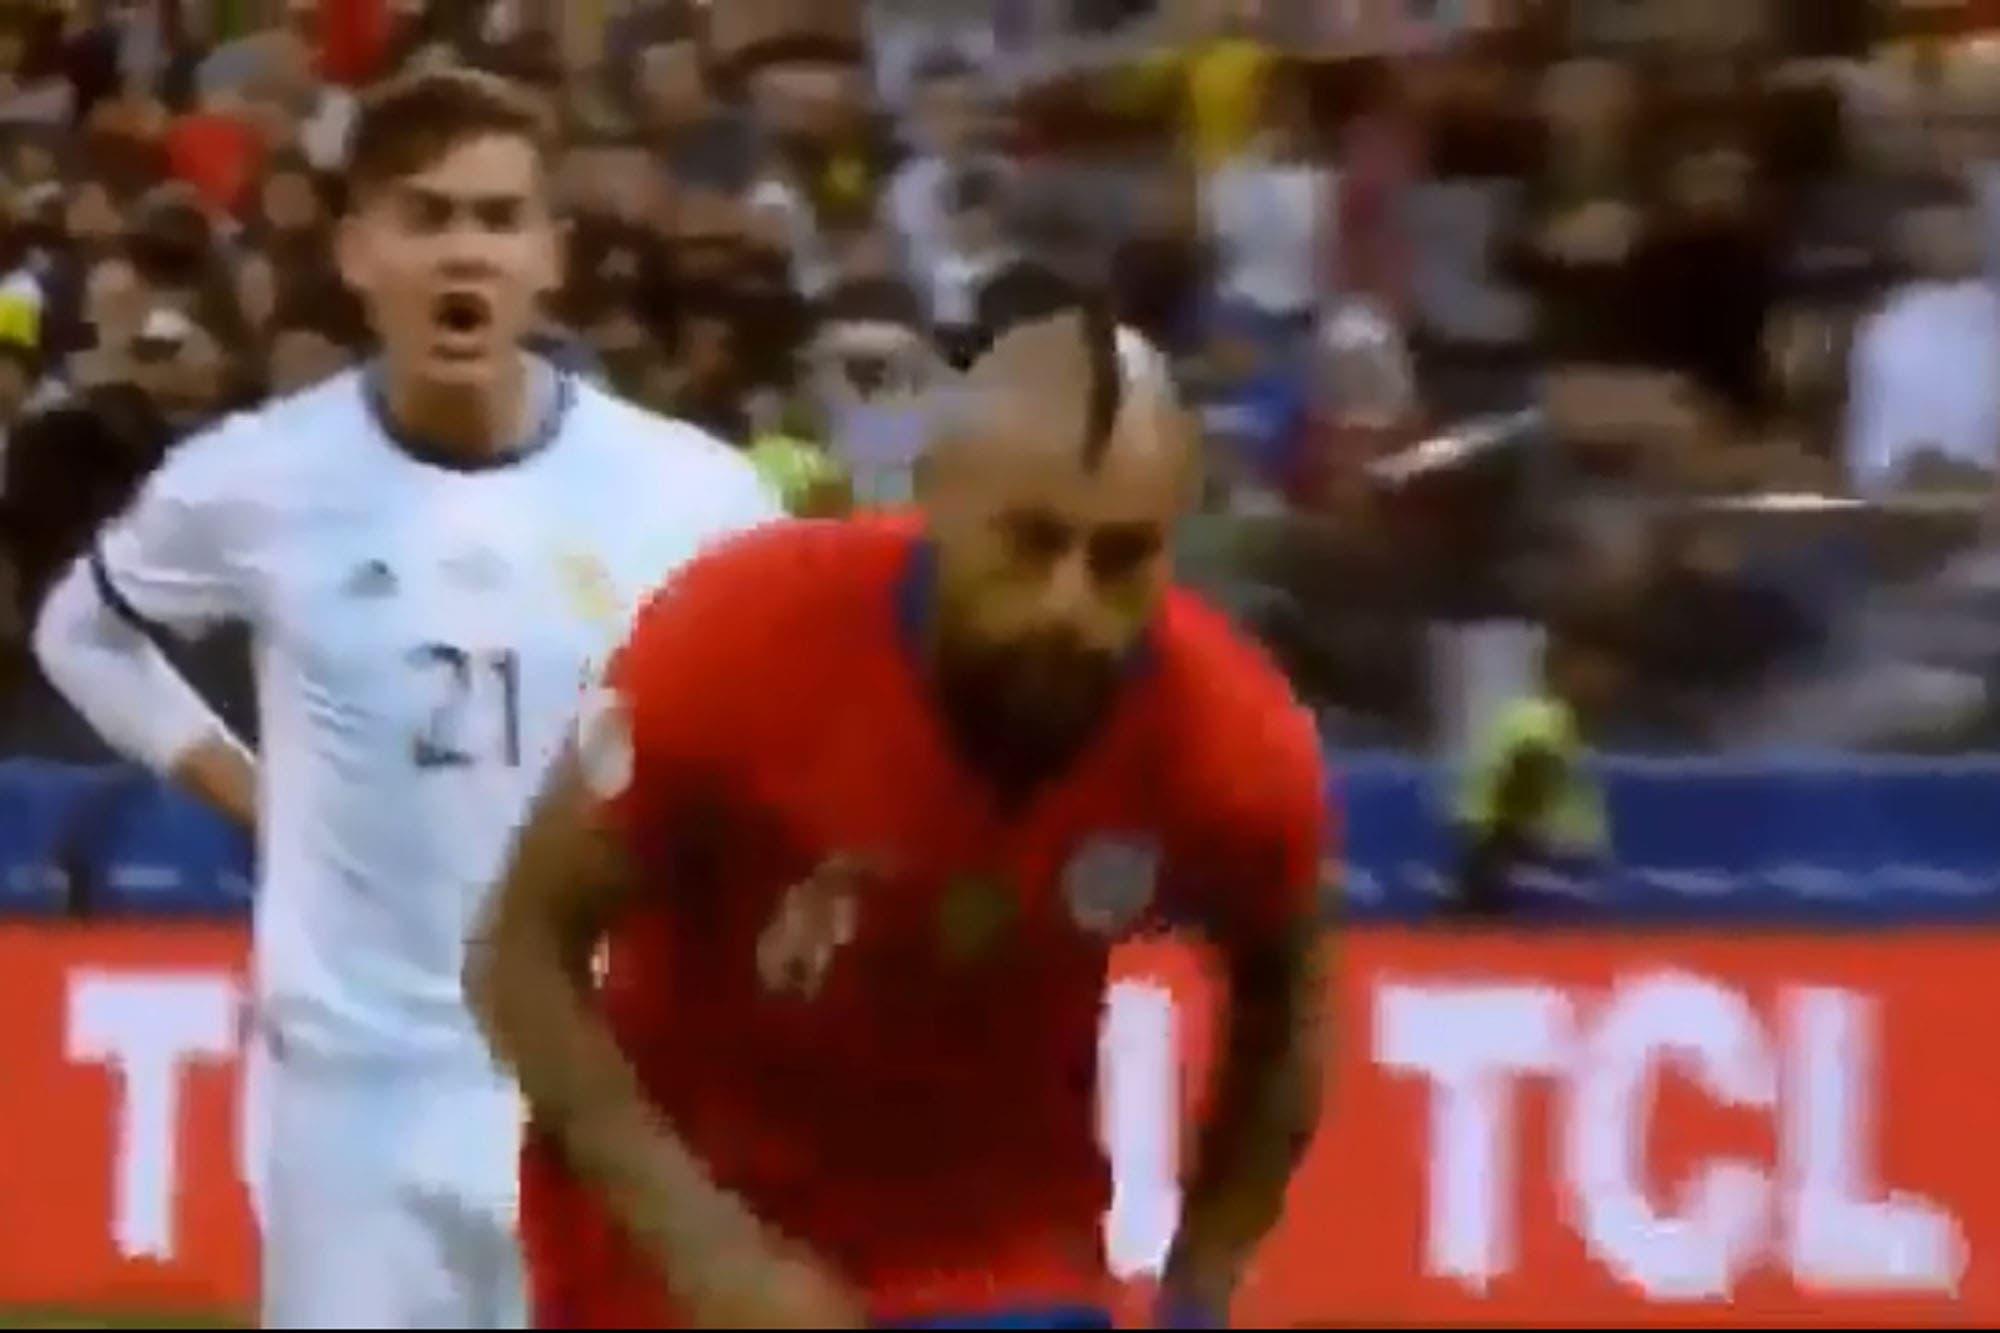 El grito mufa de Dybala para Vidal y el amague de saludo de De Paul al árbitro